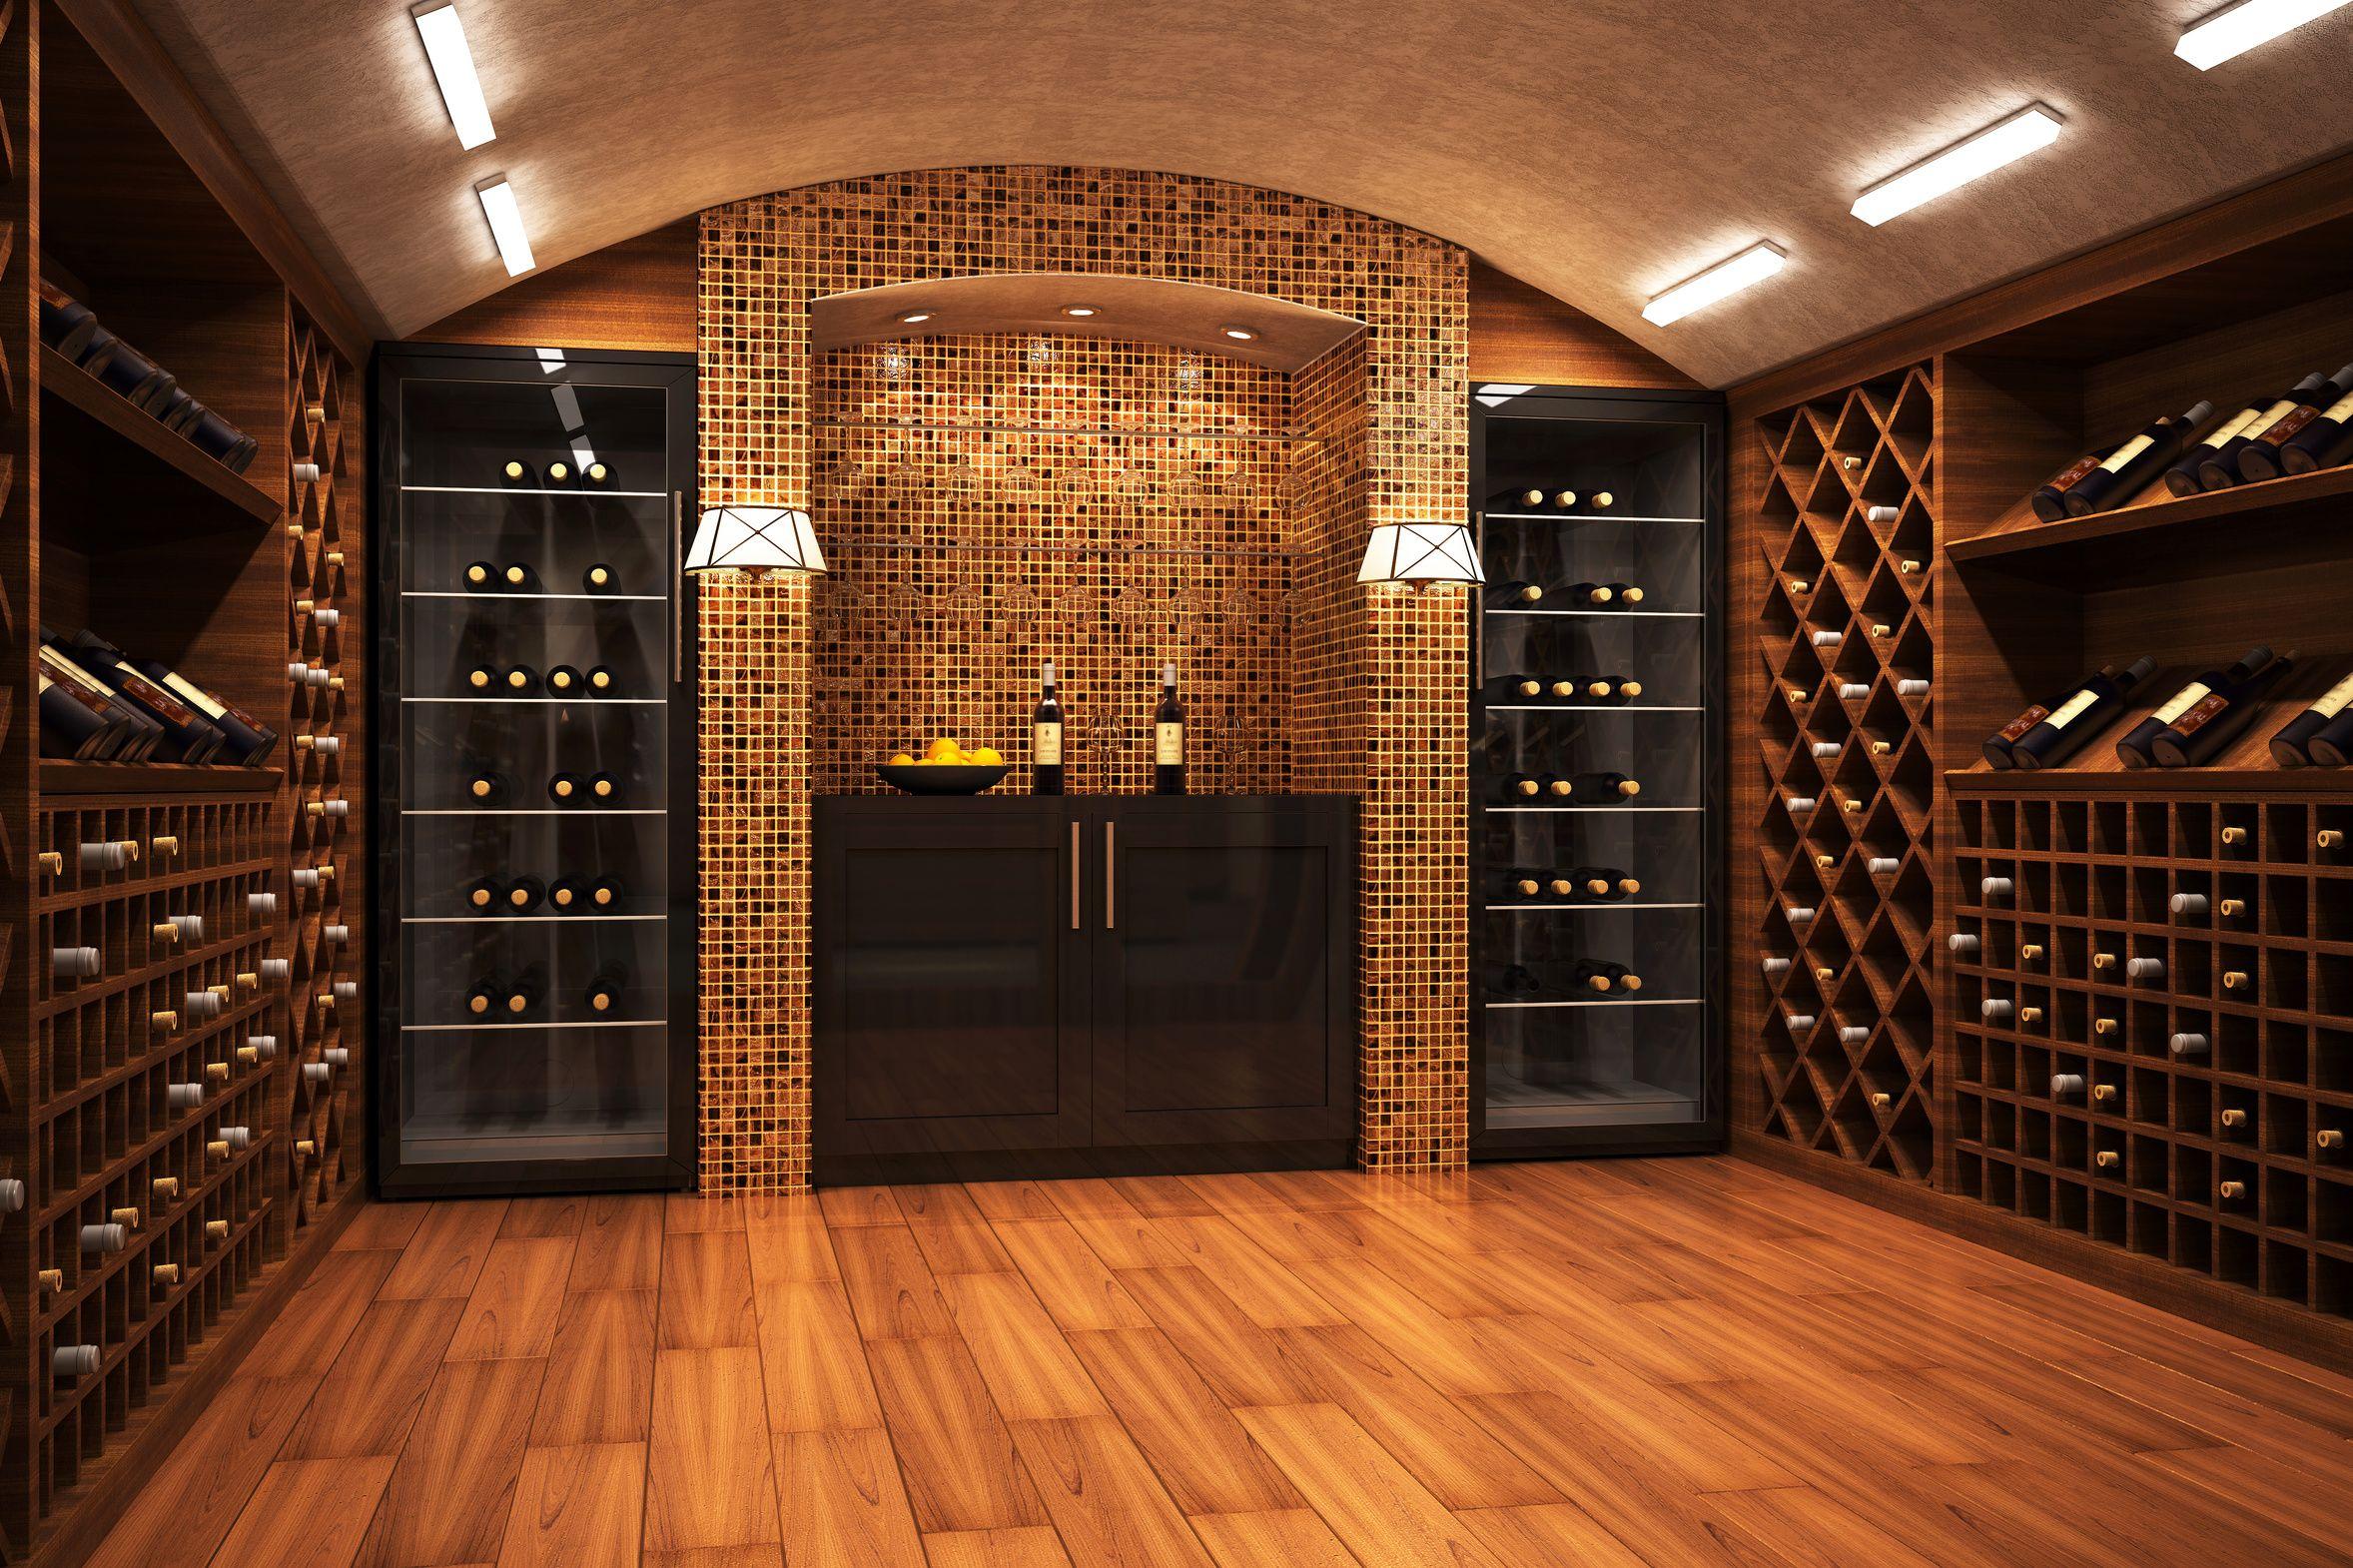 Fliesen Formate Abriebklassen Oder Trittsicherheit Wir Lassen Sie Bei Der Fliesenwahl Nicht Allein Unser Kleiner Ratgeber Weinkeller Mosaikfliesen Zuhause